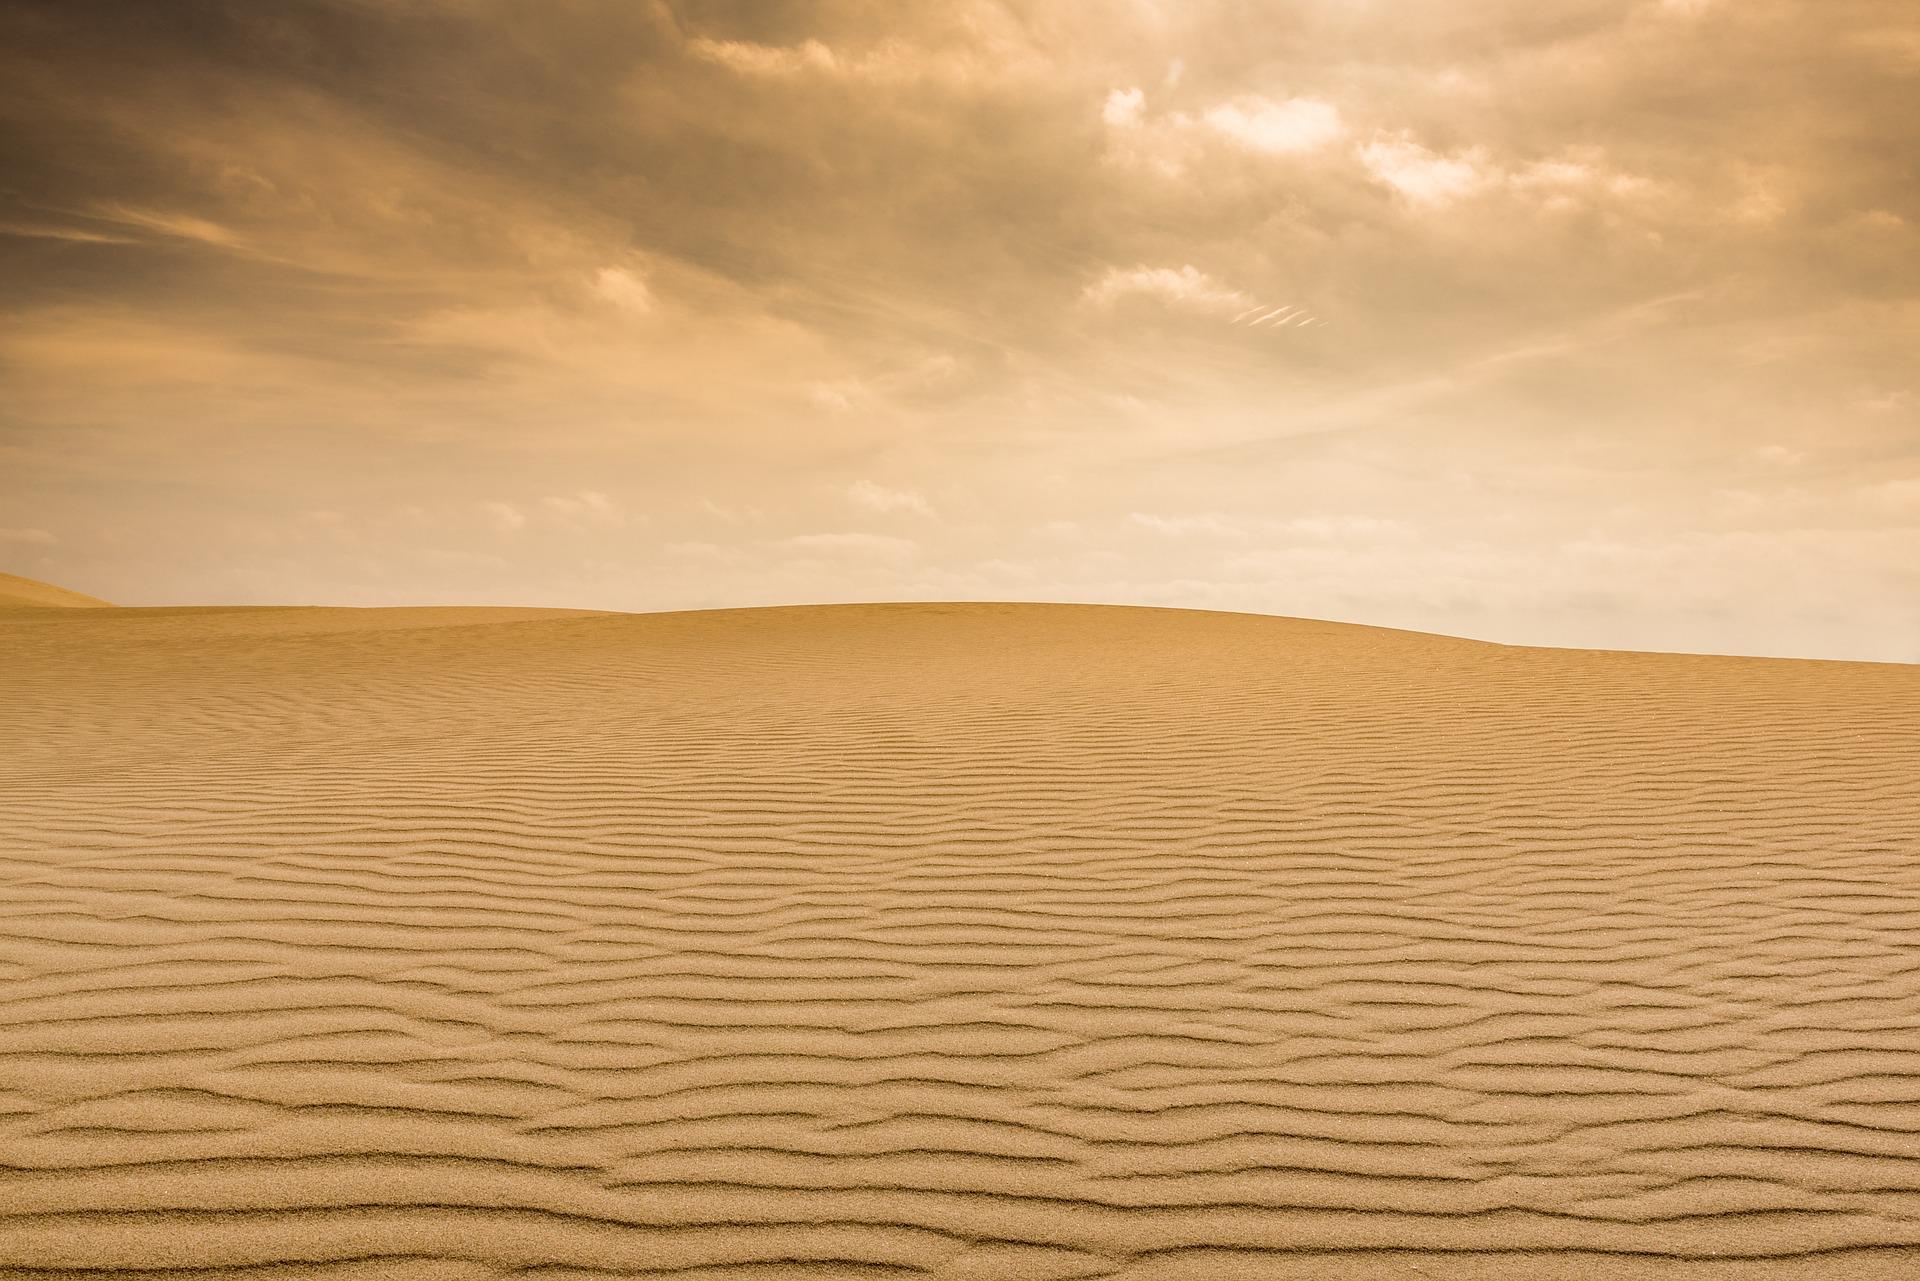 Les méga-sécheresses s'étendent à des pays entiers